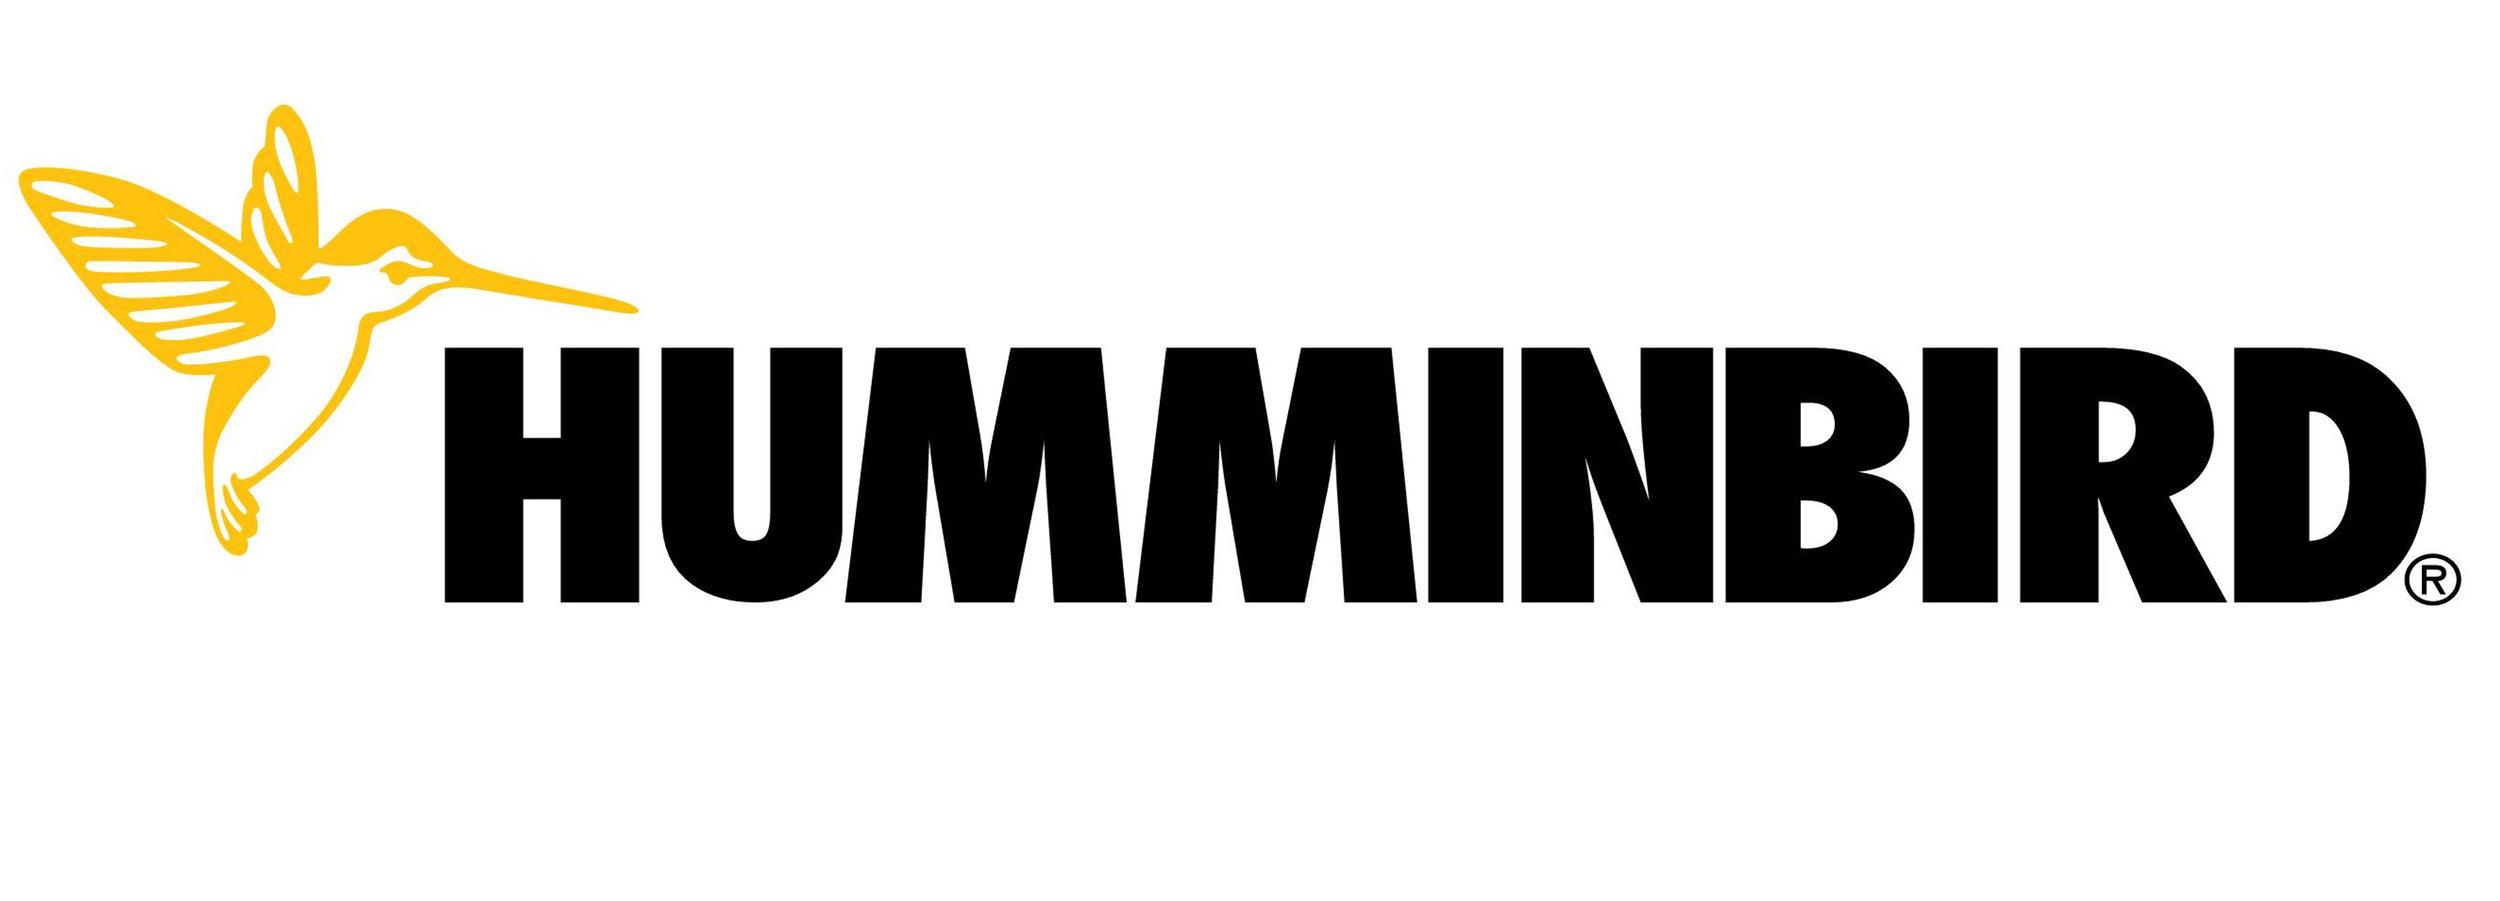 Humminbird3194x1151.jpg